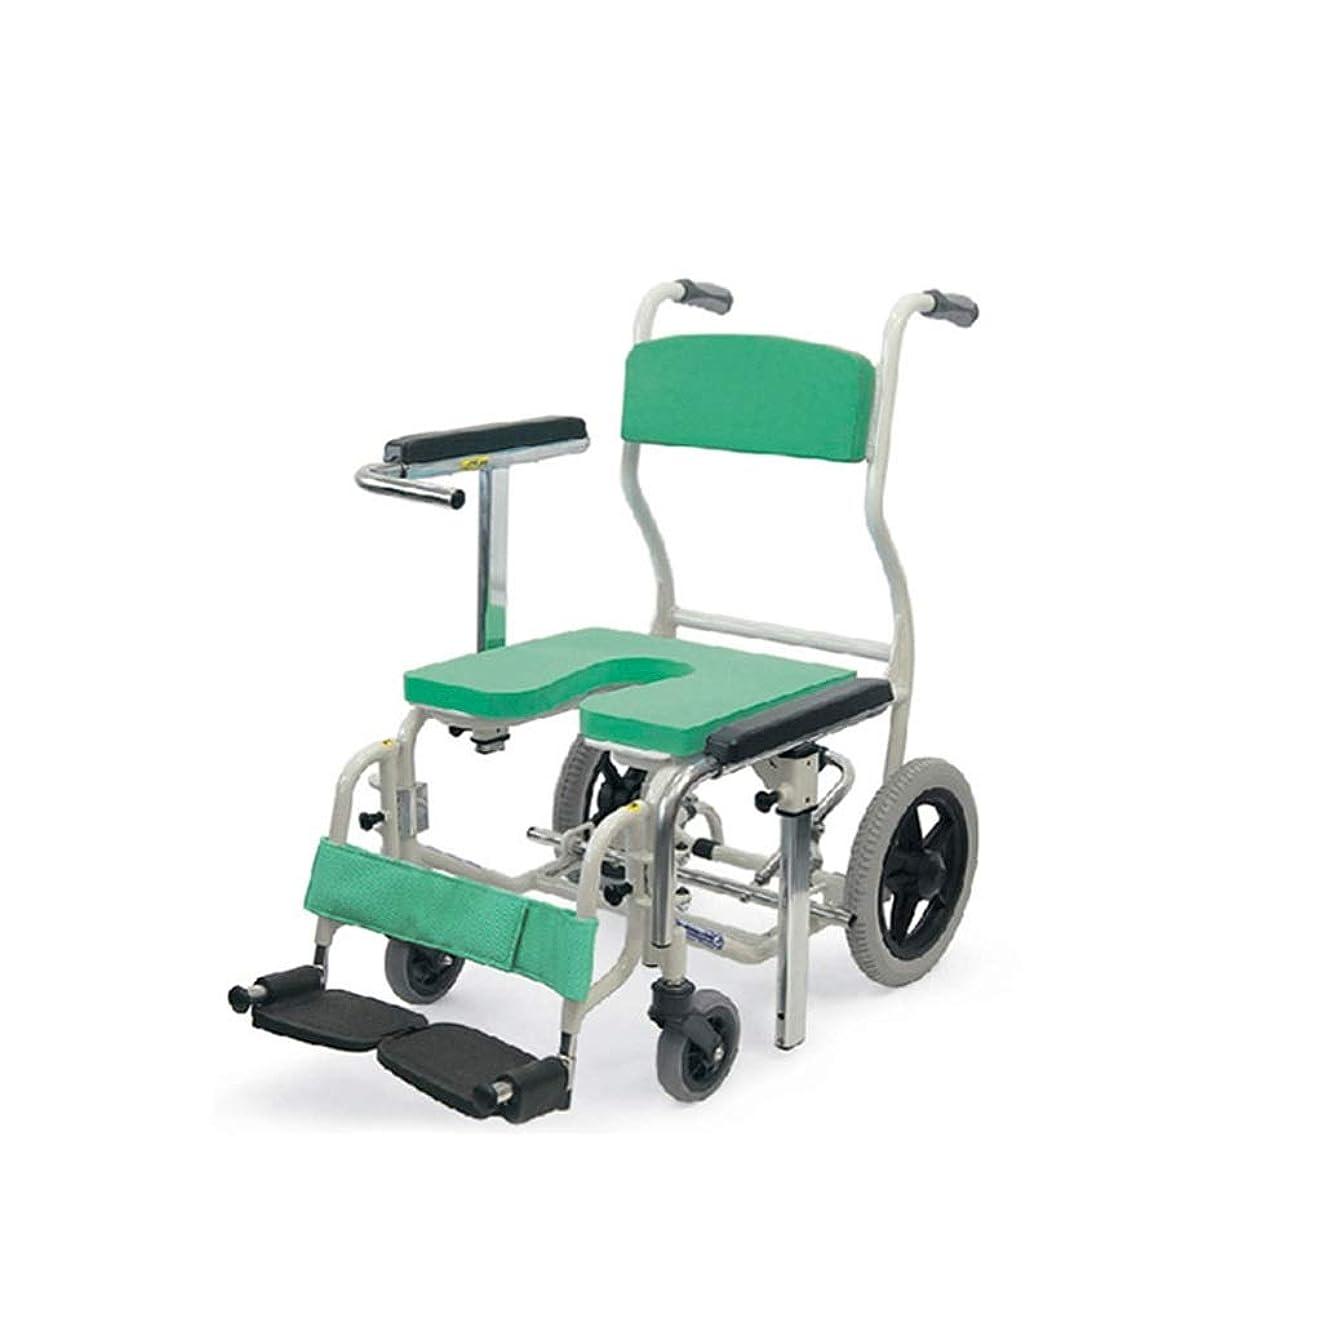 調和相続人あらゆる種類の風呂 椅子 調節可能な高さのアームレストが付いている年配の滑り止めのアルミ合金の浴室の椅子の入浴車椅子 DZHJXFCL